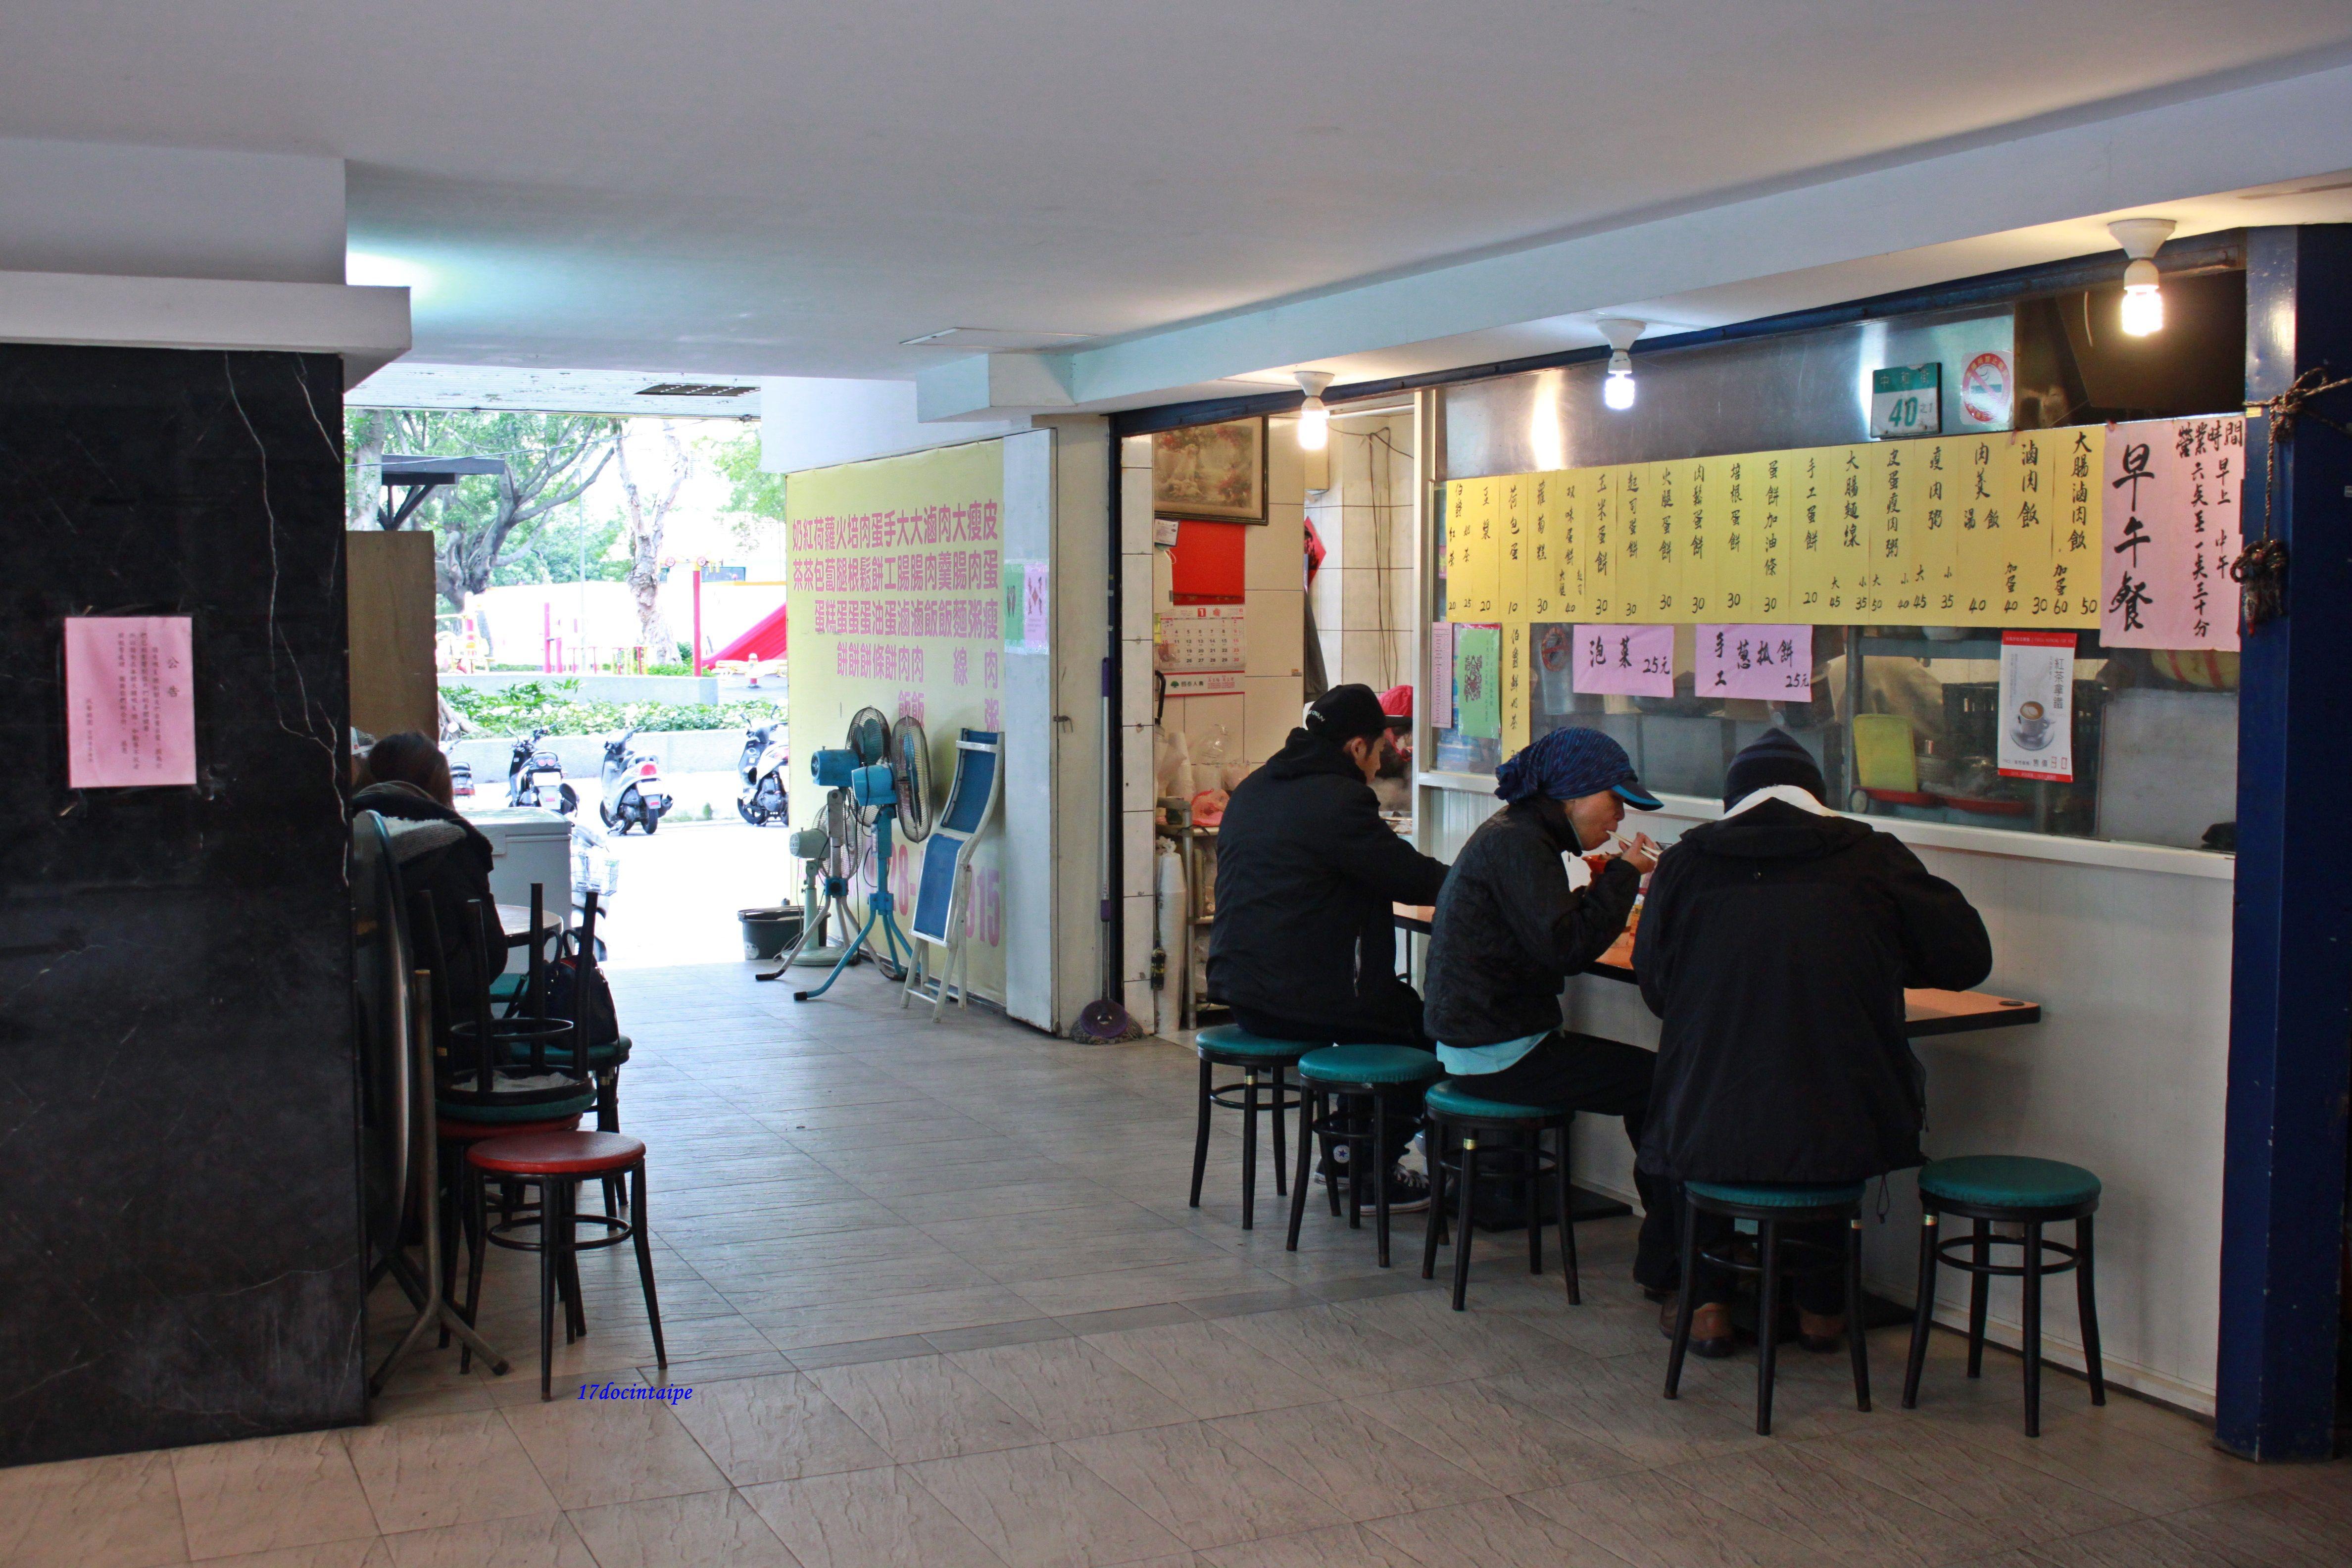 北投-捷運周邊美食-早午餐-大腸滷肉飯 (12)